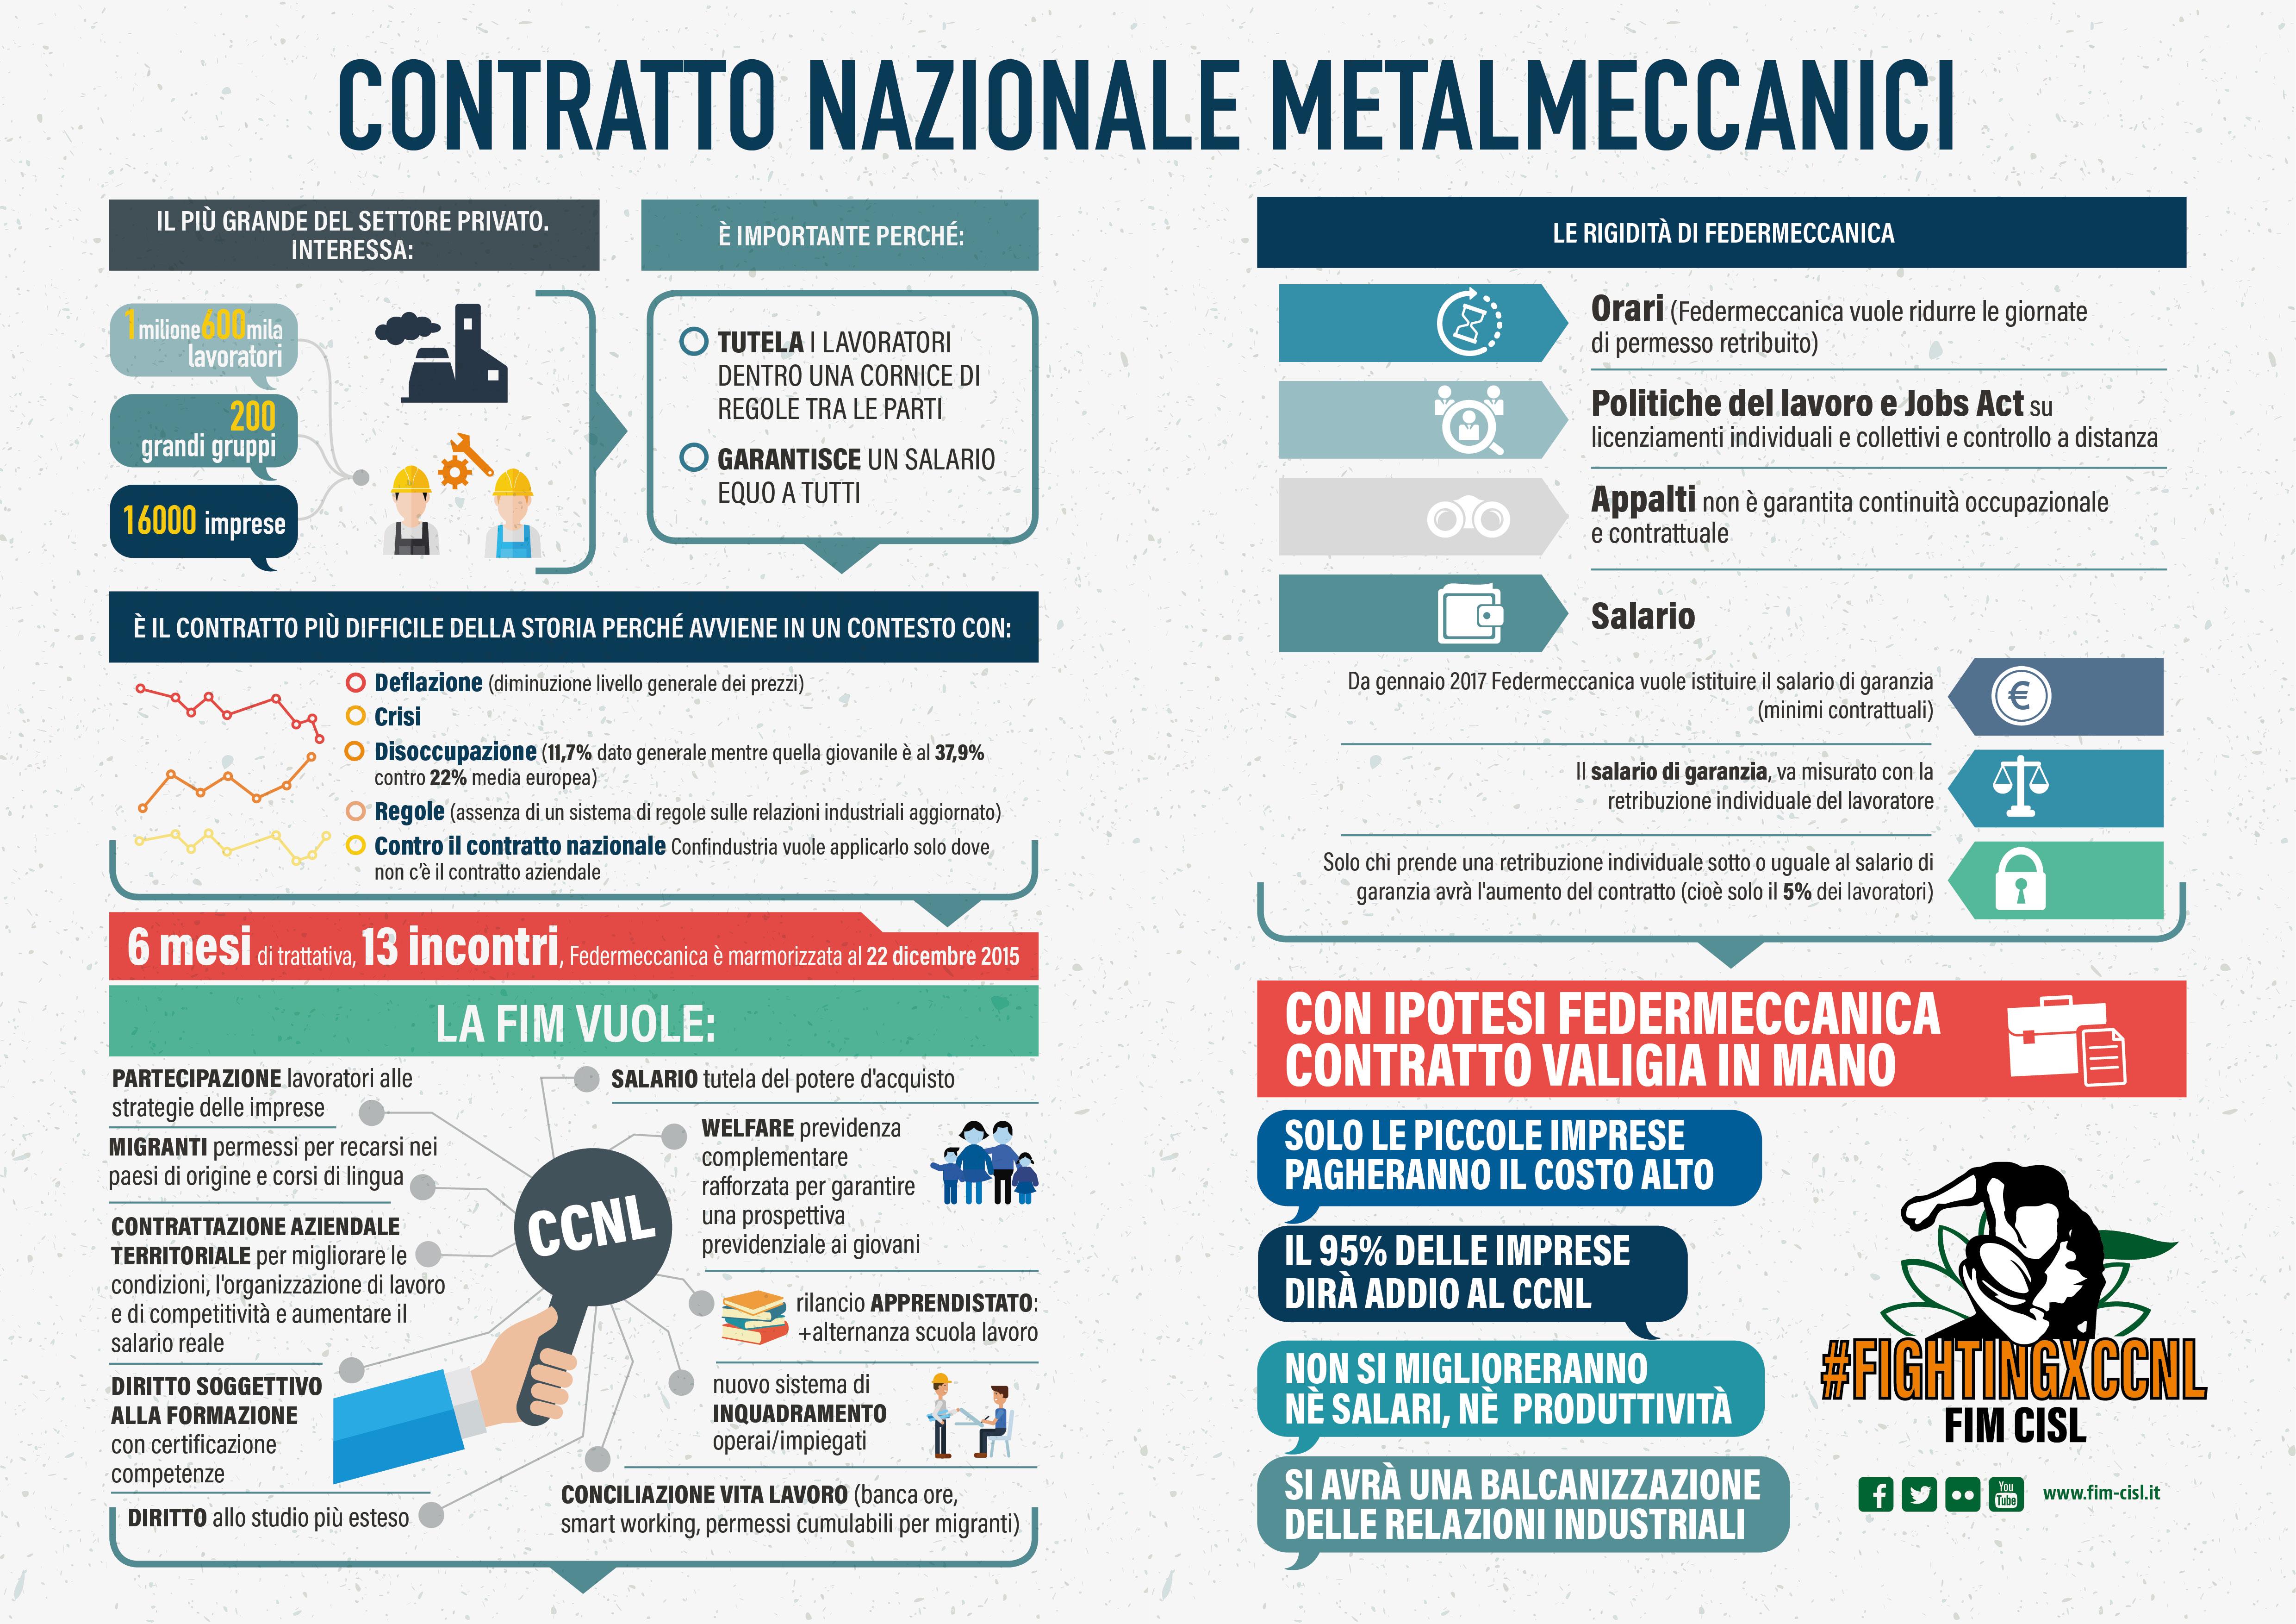 Contratto ccnl confapi metalmeccanici autos post for Ccnl legno e arredamento piccola e media industria